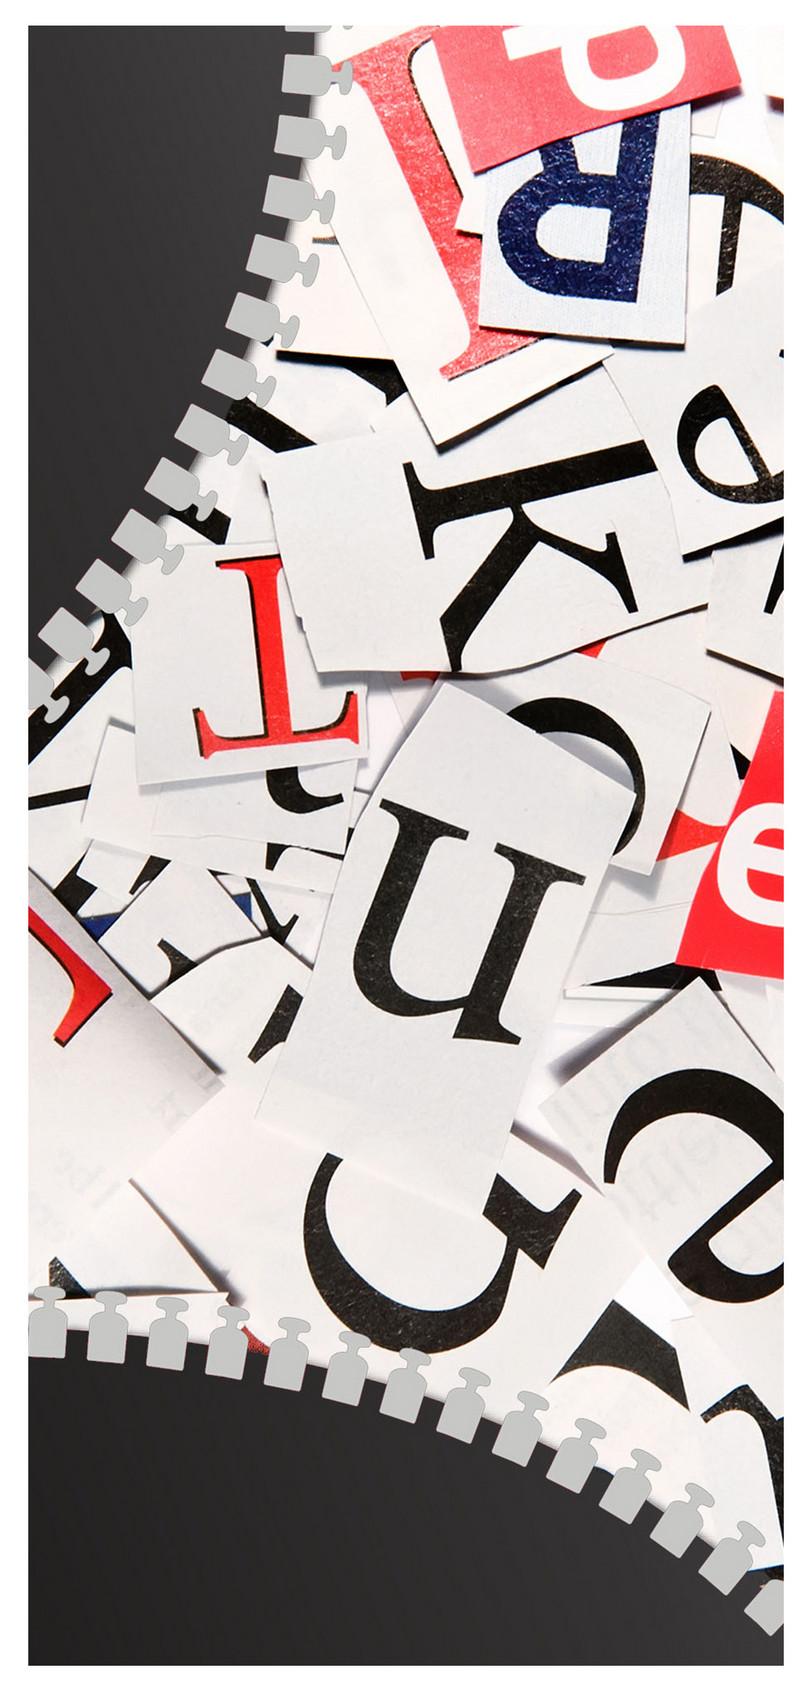 英語のアルファベットの携帯電話の壁紙イメージ 背景 Id 400535078 Prf